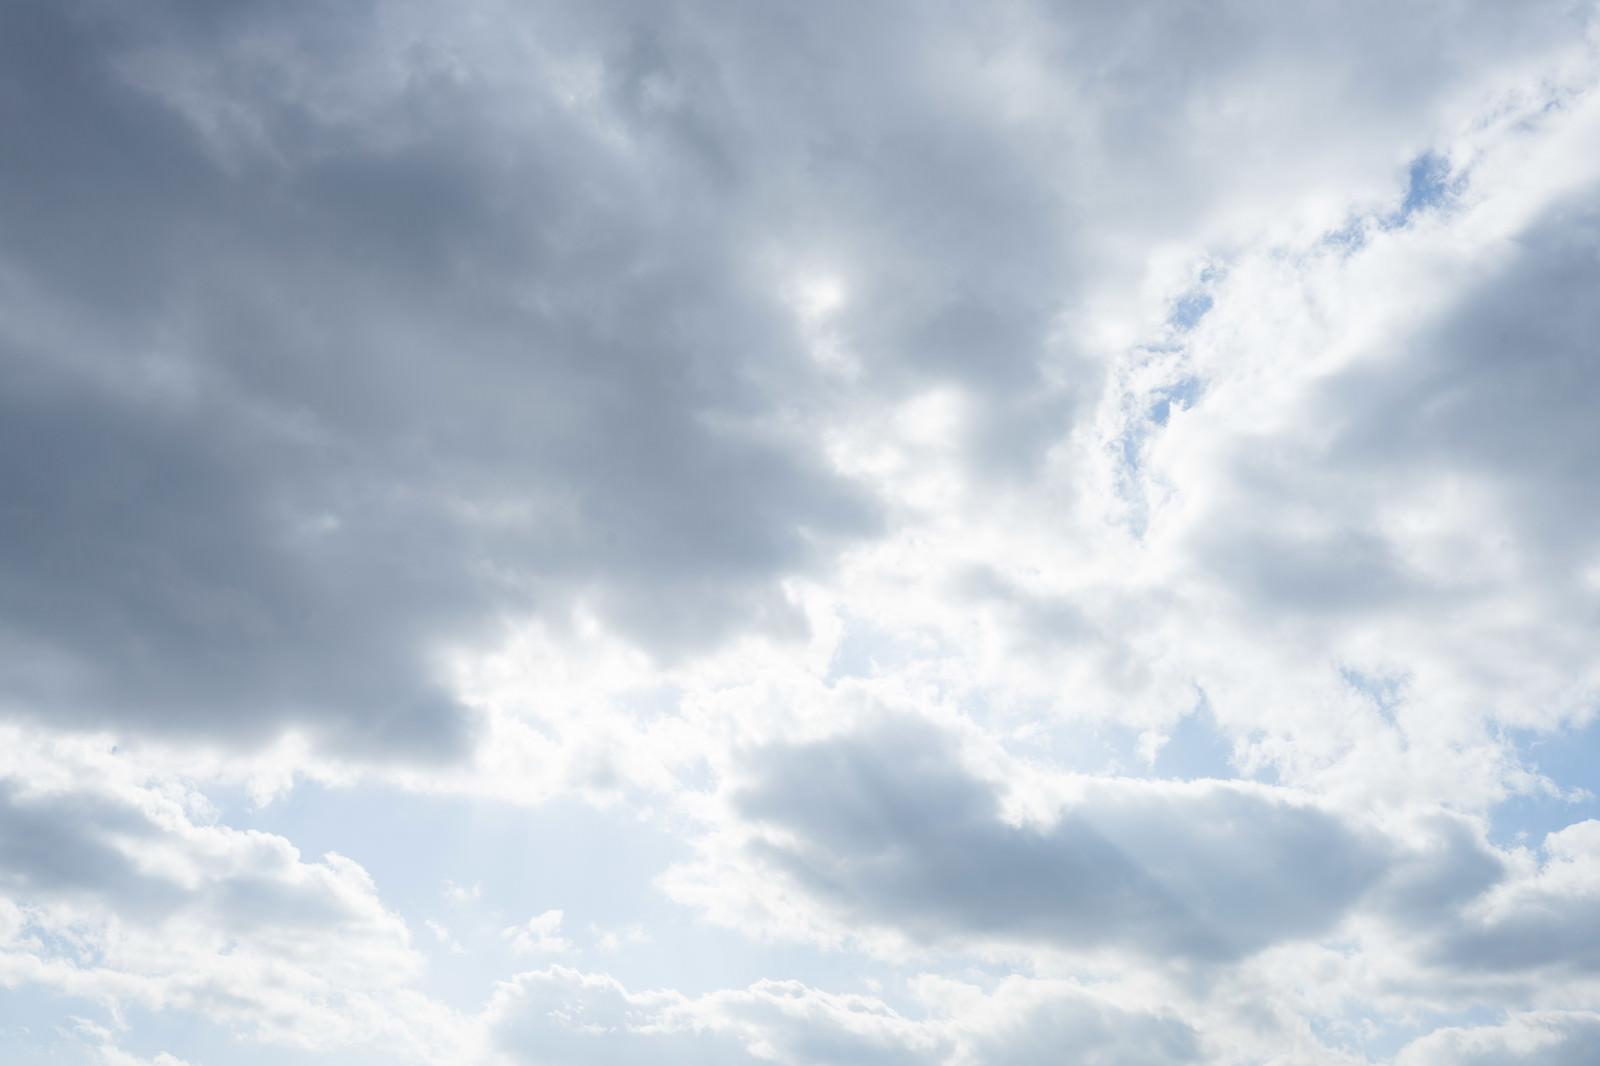 「雲は、天然のディフューザー」の写真